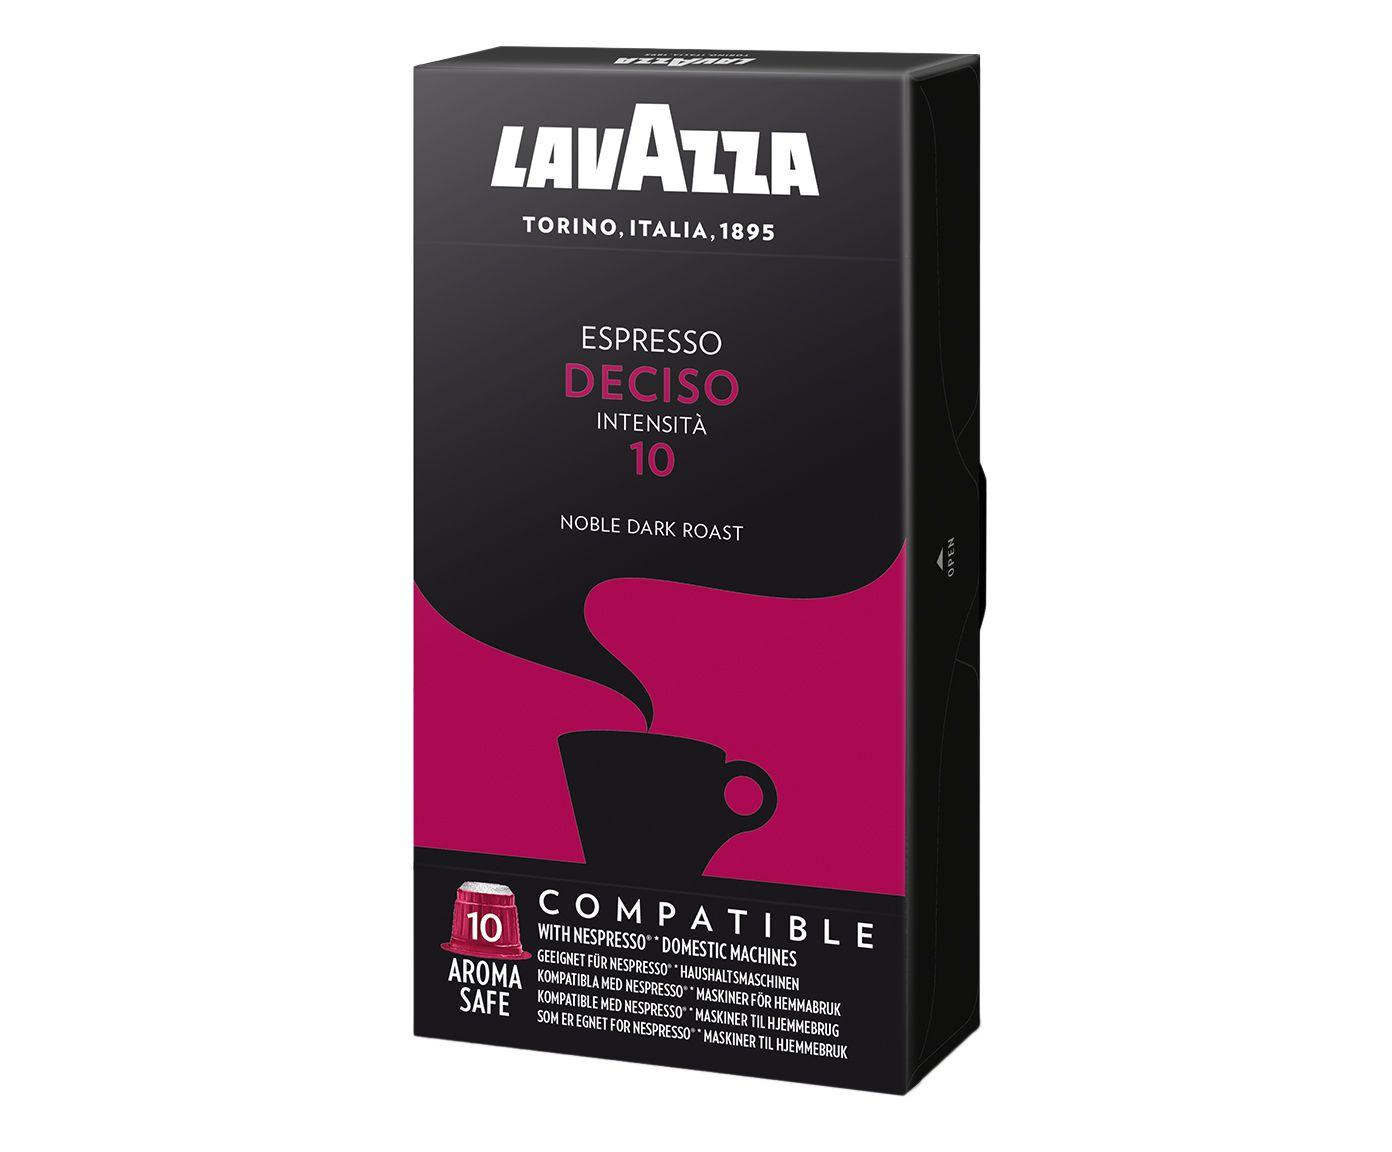 Kit Cápsulas de Café Italiano Lavazza Ncc Espresso Deciso | Westwing.com.br